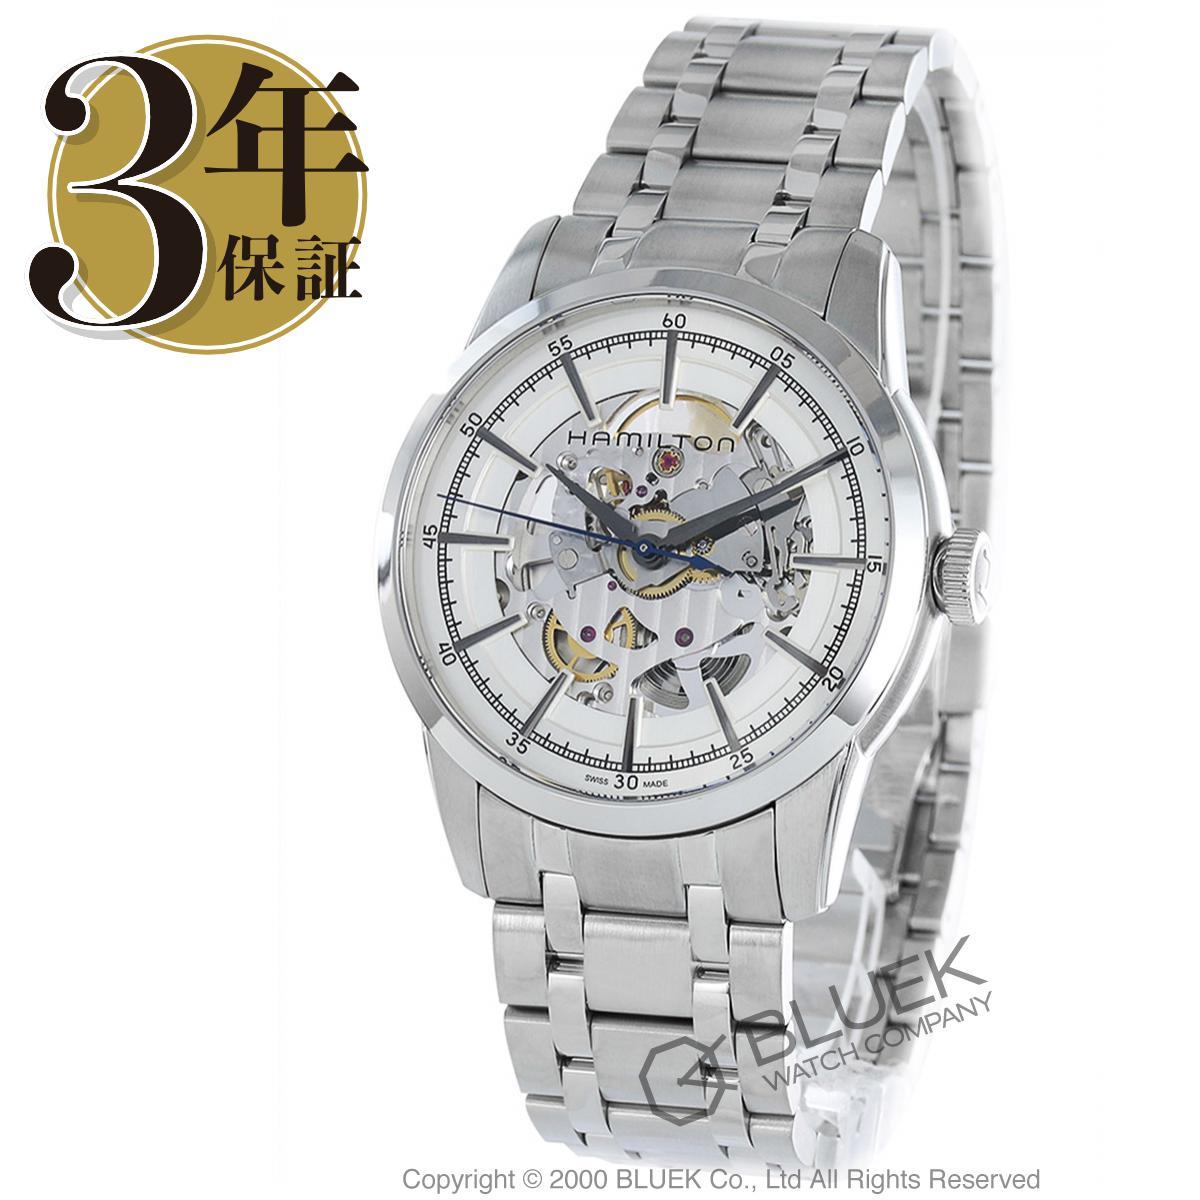 ハミルトン レイルロード 腕時計 メンズ HAMILTON H40655151_8 バーゲン 成人祝い ギフト プレゼント